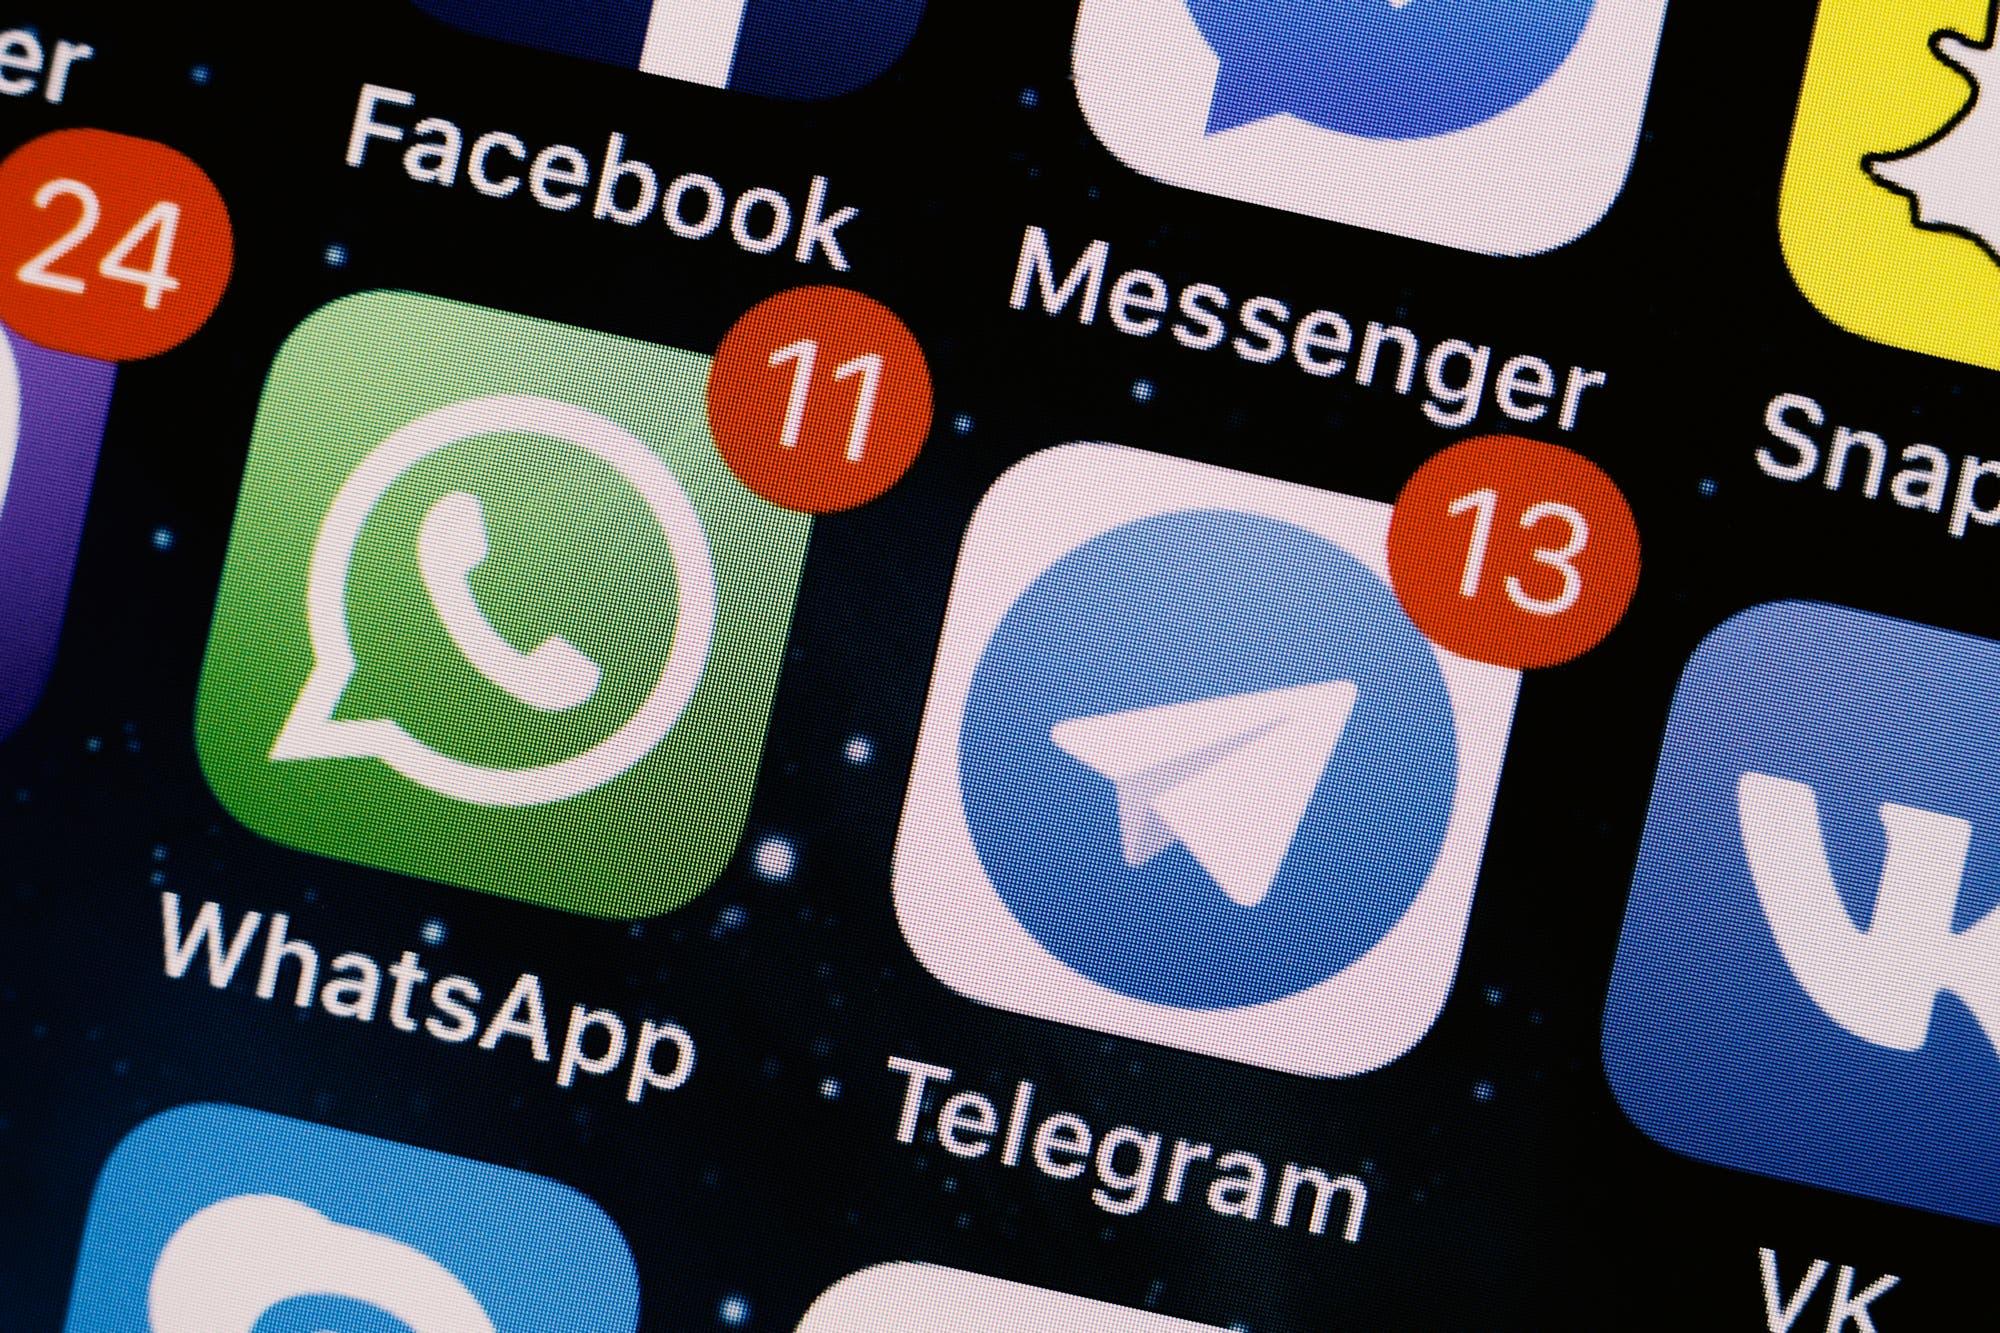 Chau WhatsApp: el dueño de Telegram recomendó desinstalar el chat de Facebook por sus graves fallas de seguridad